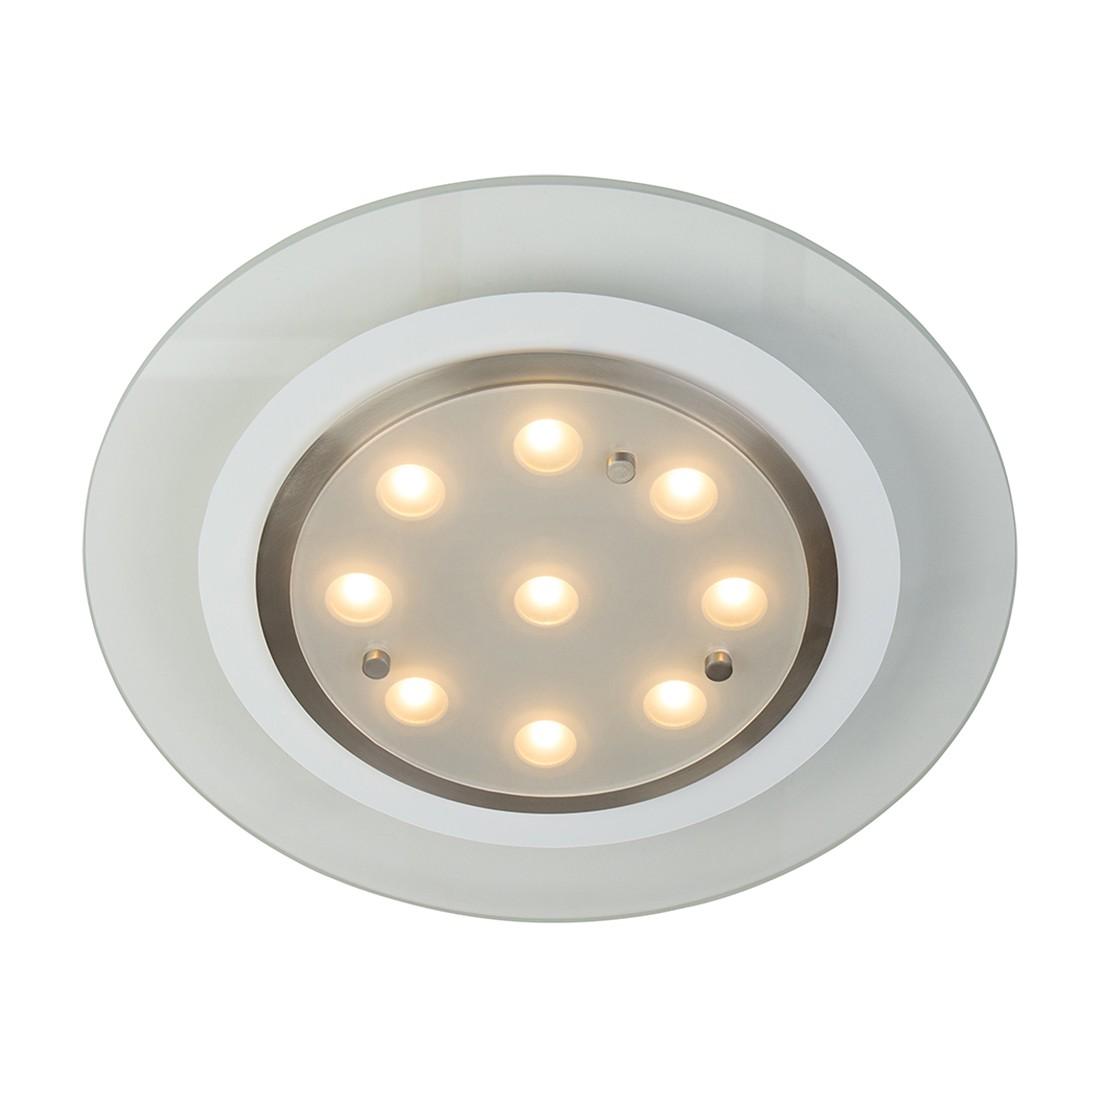 LED-Deckenleuchte 1-flammig ● Nickel matt- Steinhauer A+